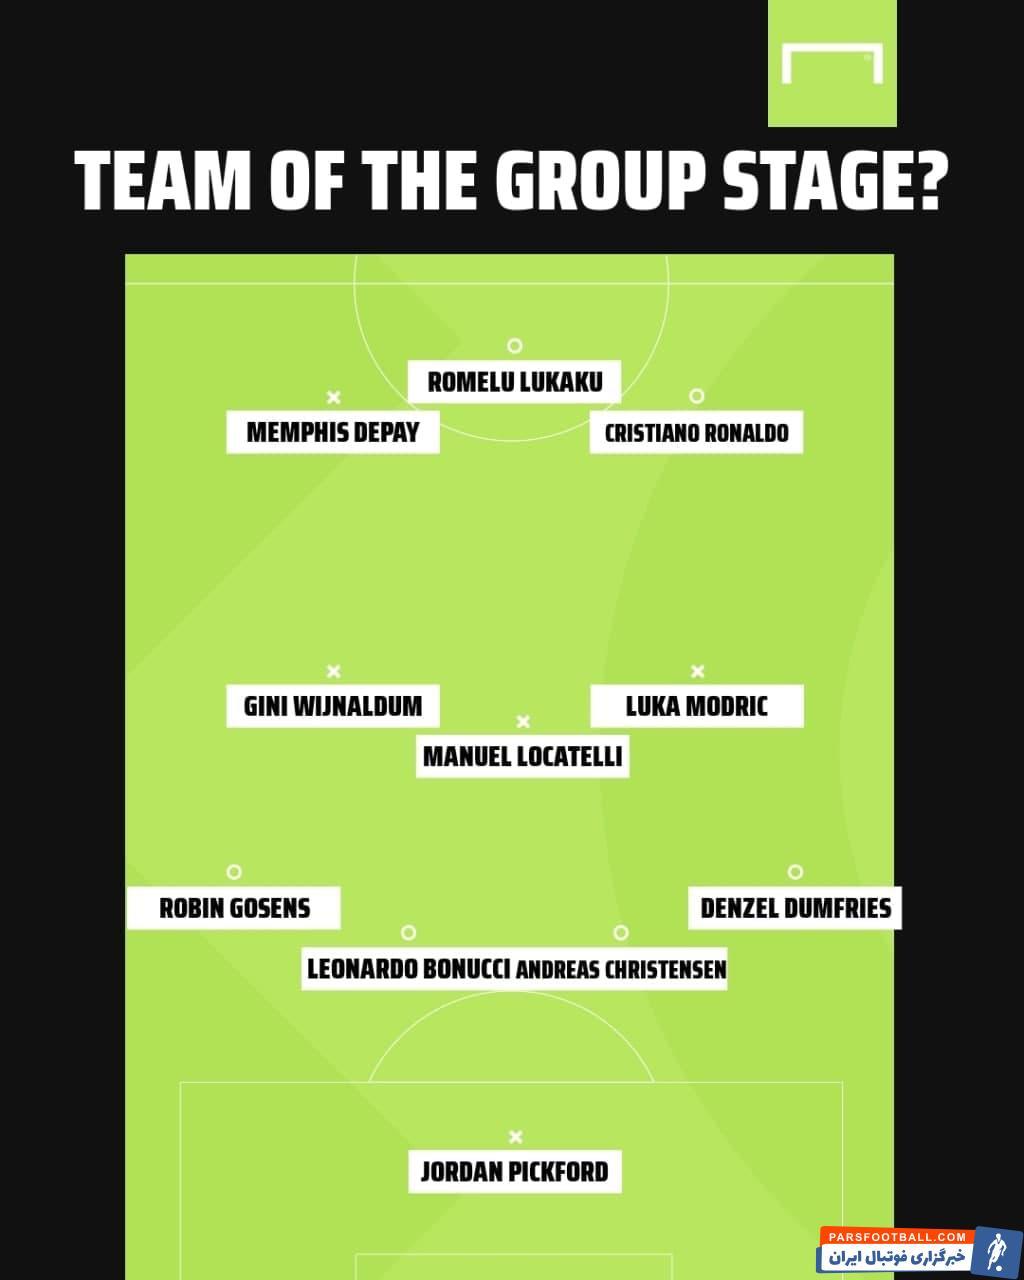 تیم منتخب مرحله گروهی یورو 2020 با حضور رونالدو